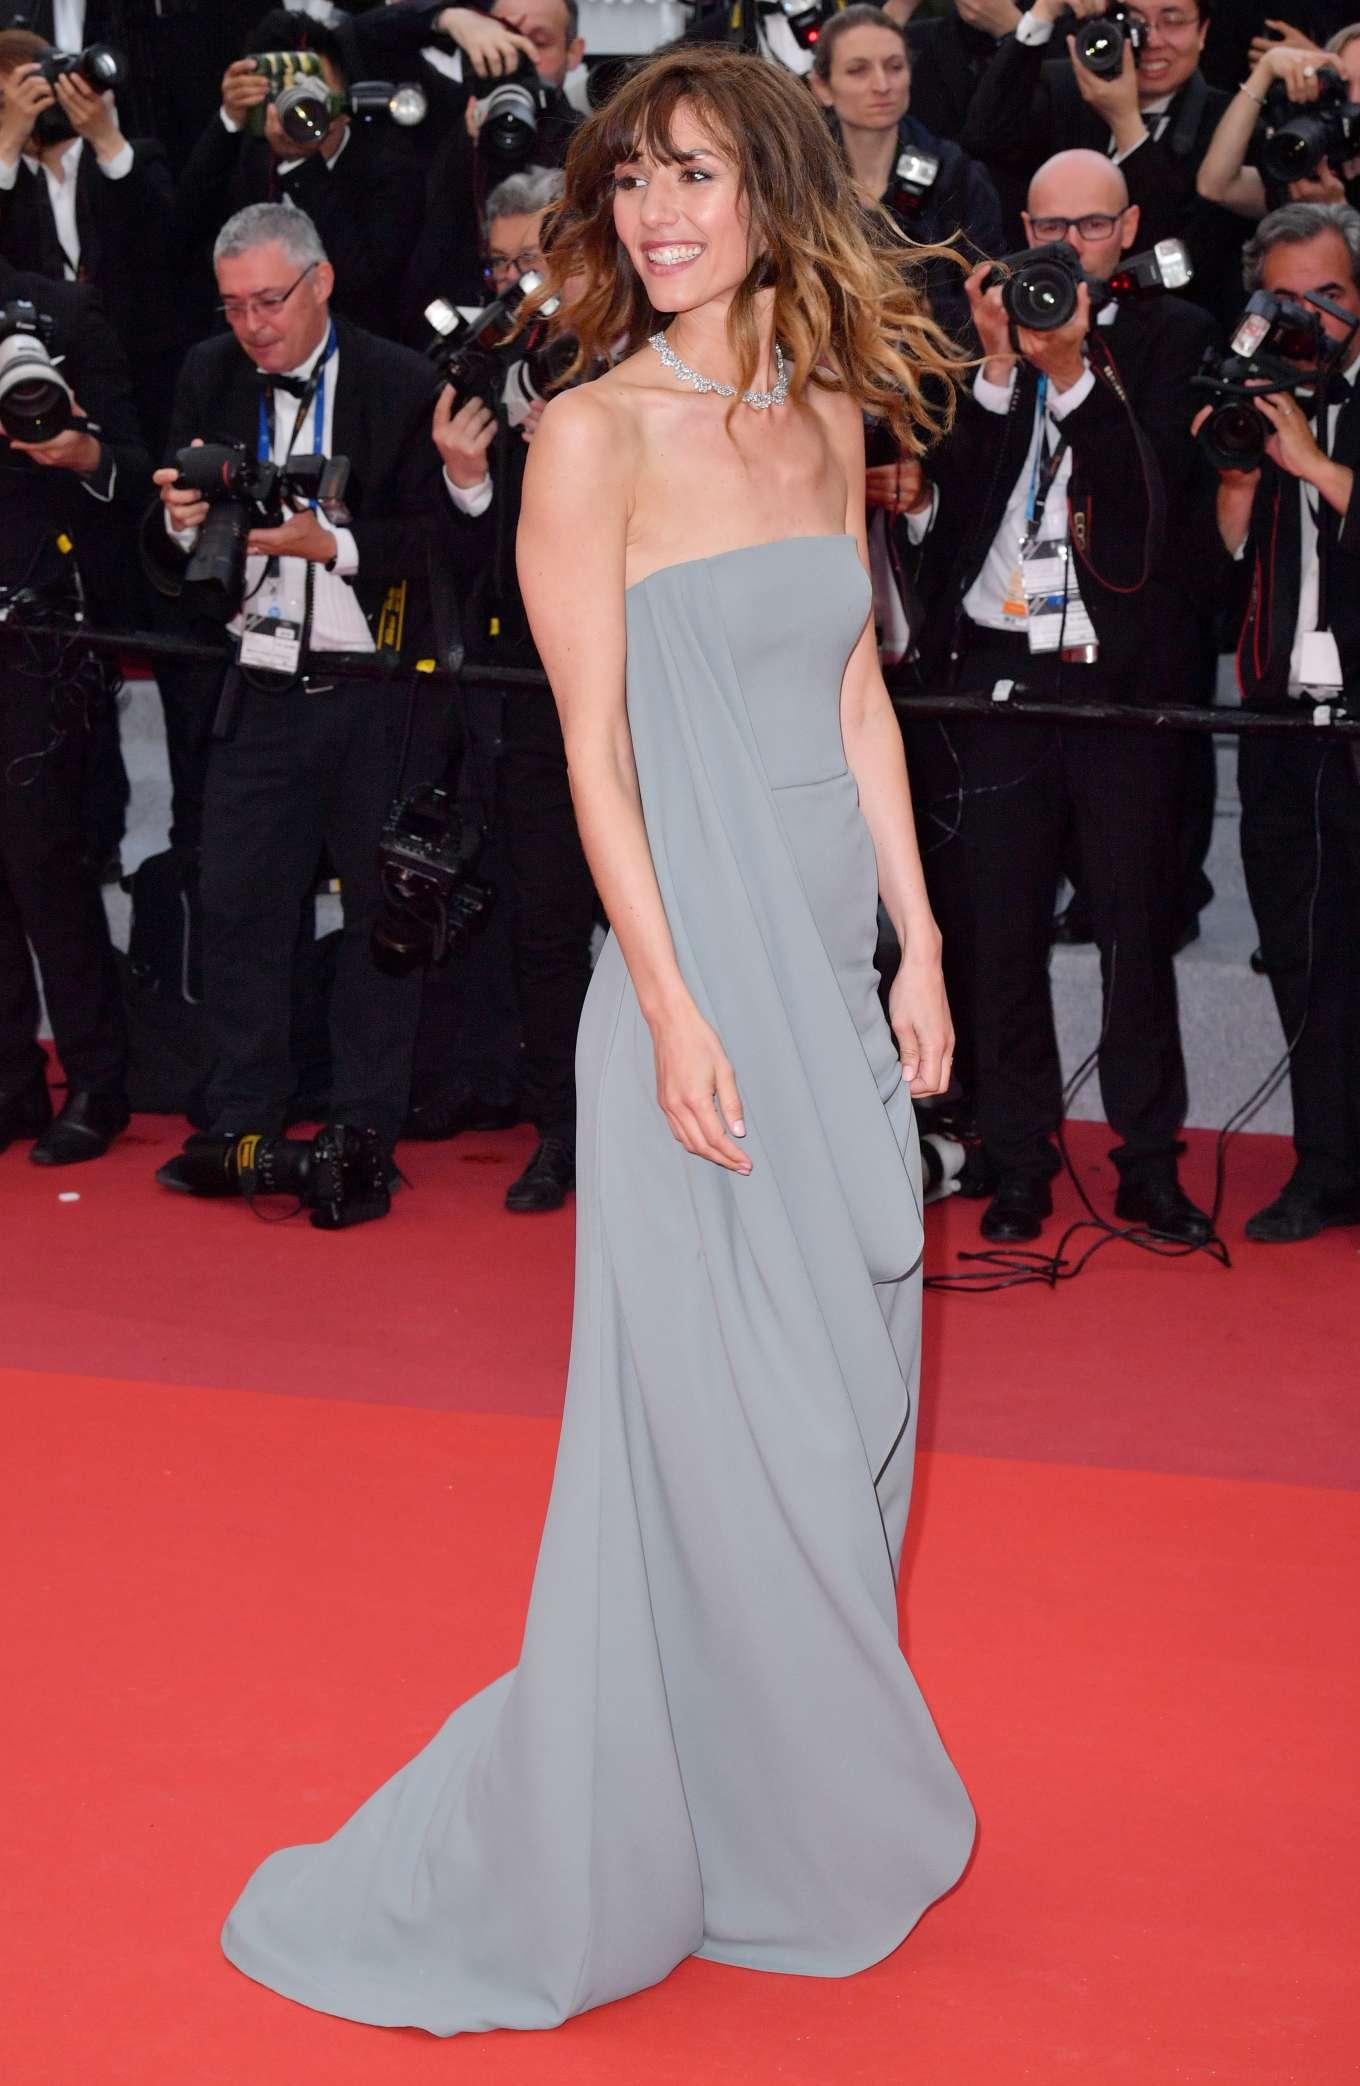 Doria Tillier 2019 : Doria Tillier: La Belle Epoque Premiere at 2019 Cannes Film Festival-11